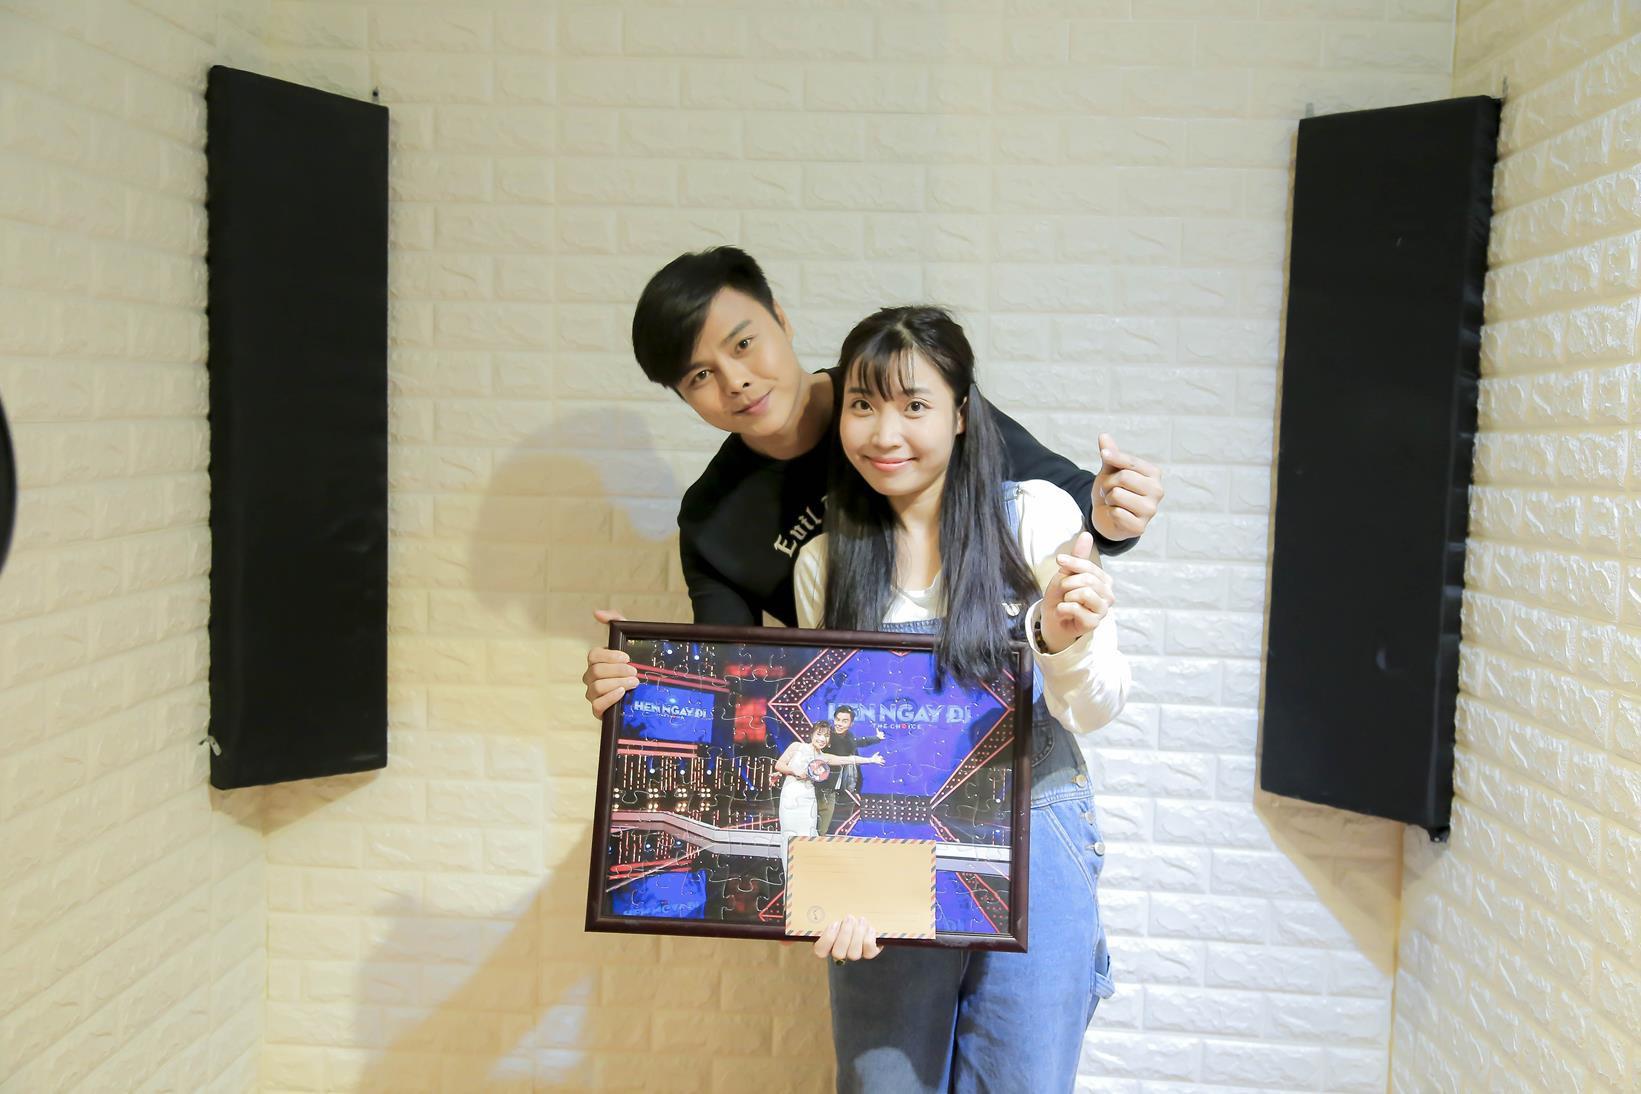 Vừa mới công khai bạn gái, Huỳnh Anh đã vui vẻ đi ăn với người đẹp khác - Ảnh 6.